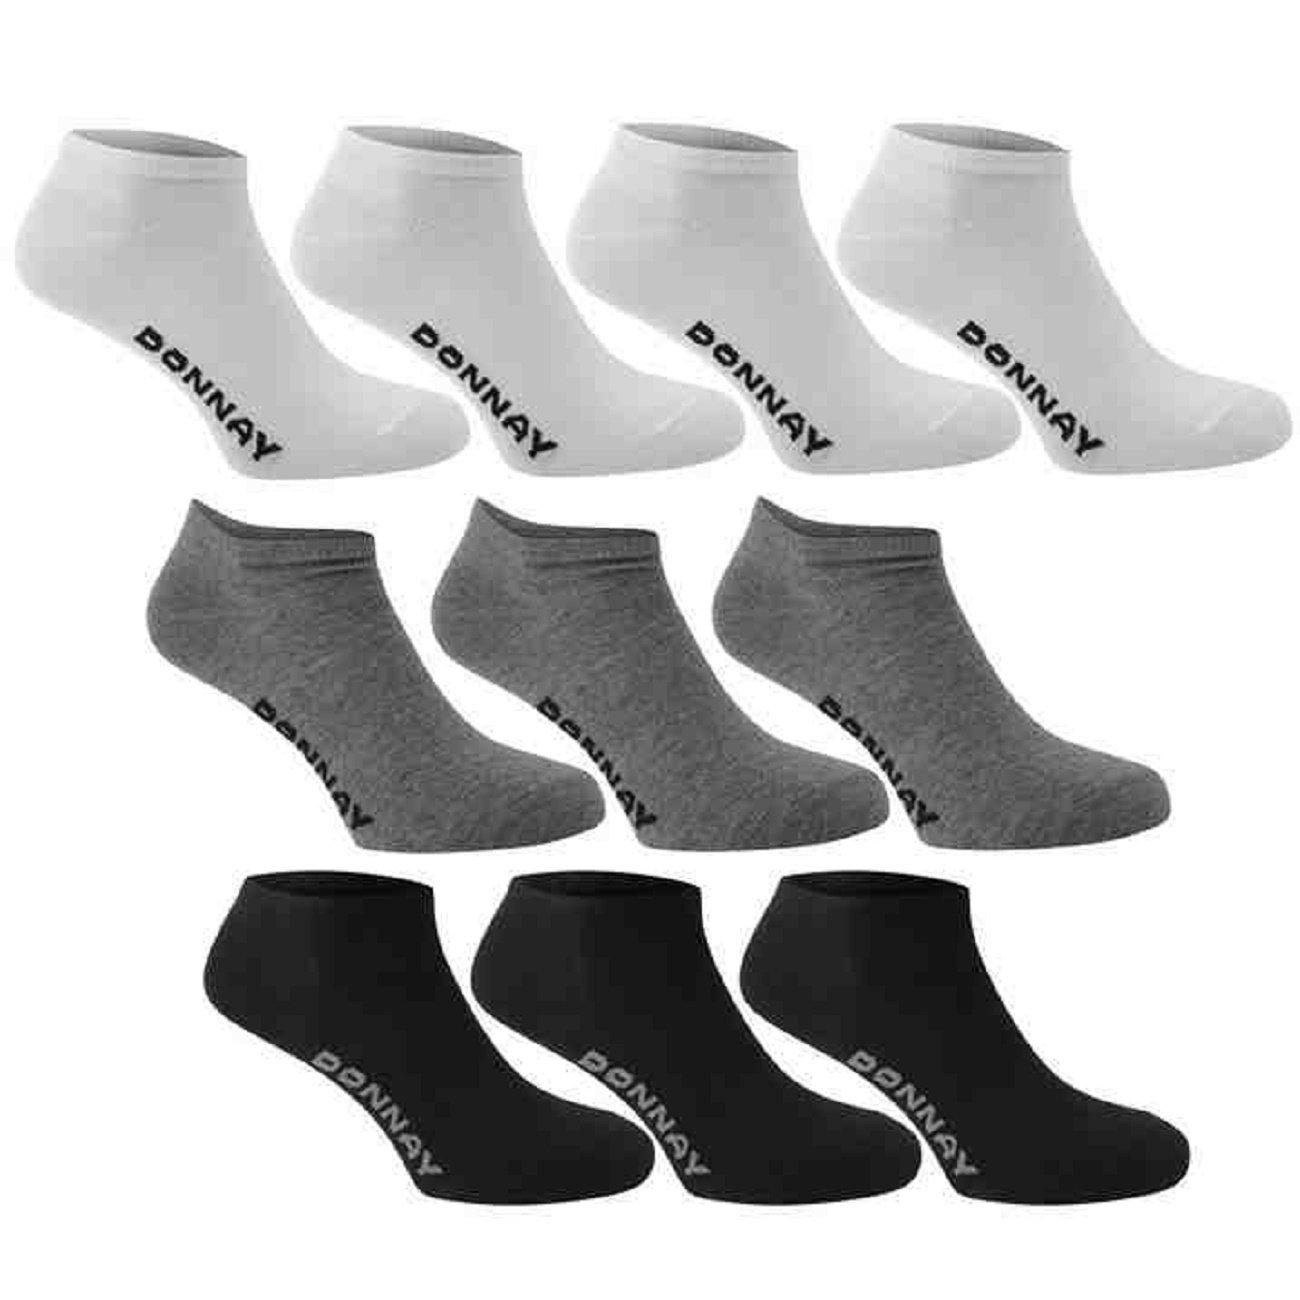 Calcetines deportivos Donnay, hasta el tobillo, para hombre, mujer y niño, 10 pares